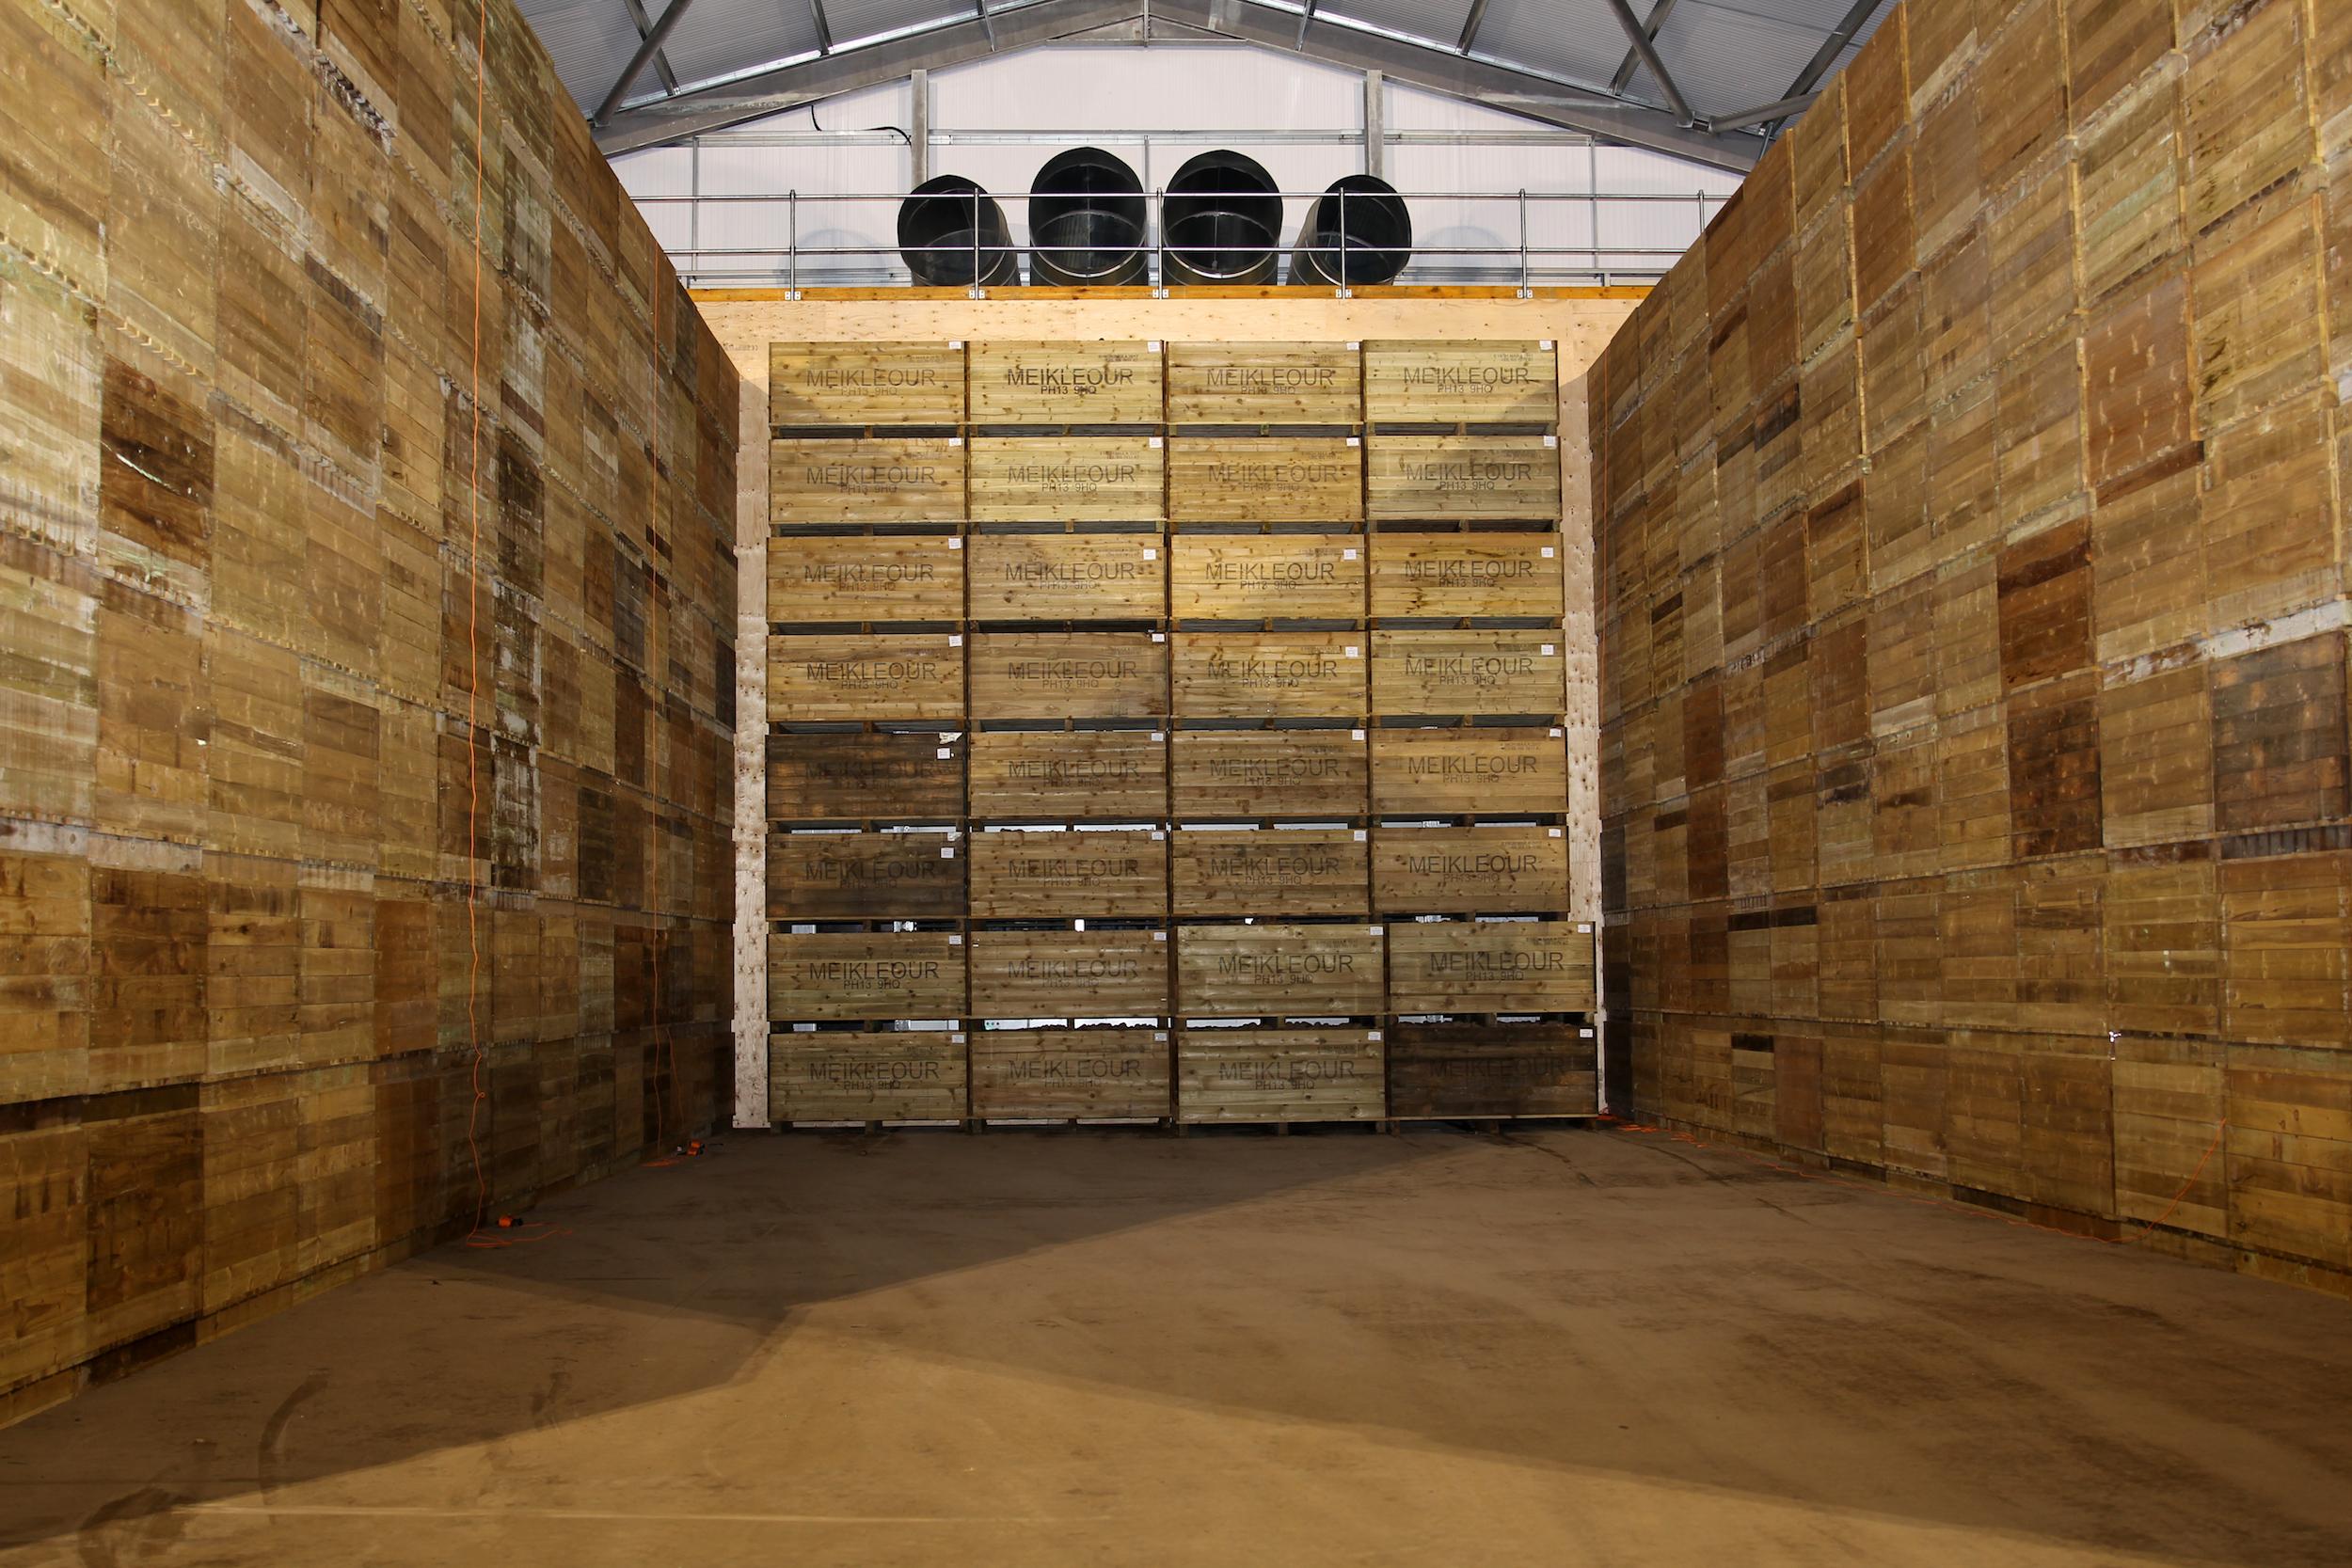 Potato storage at Meikleour